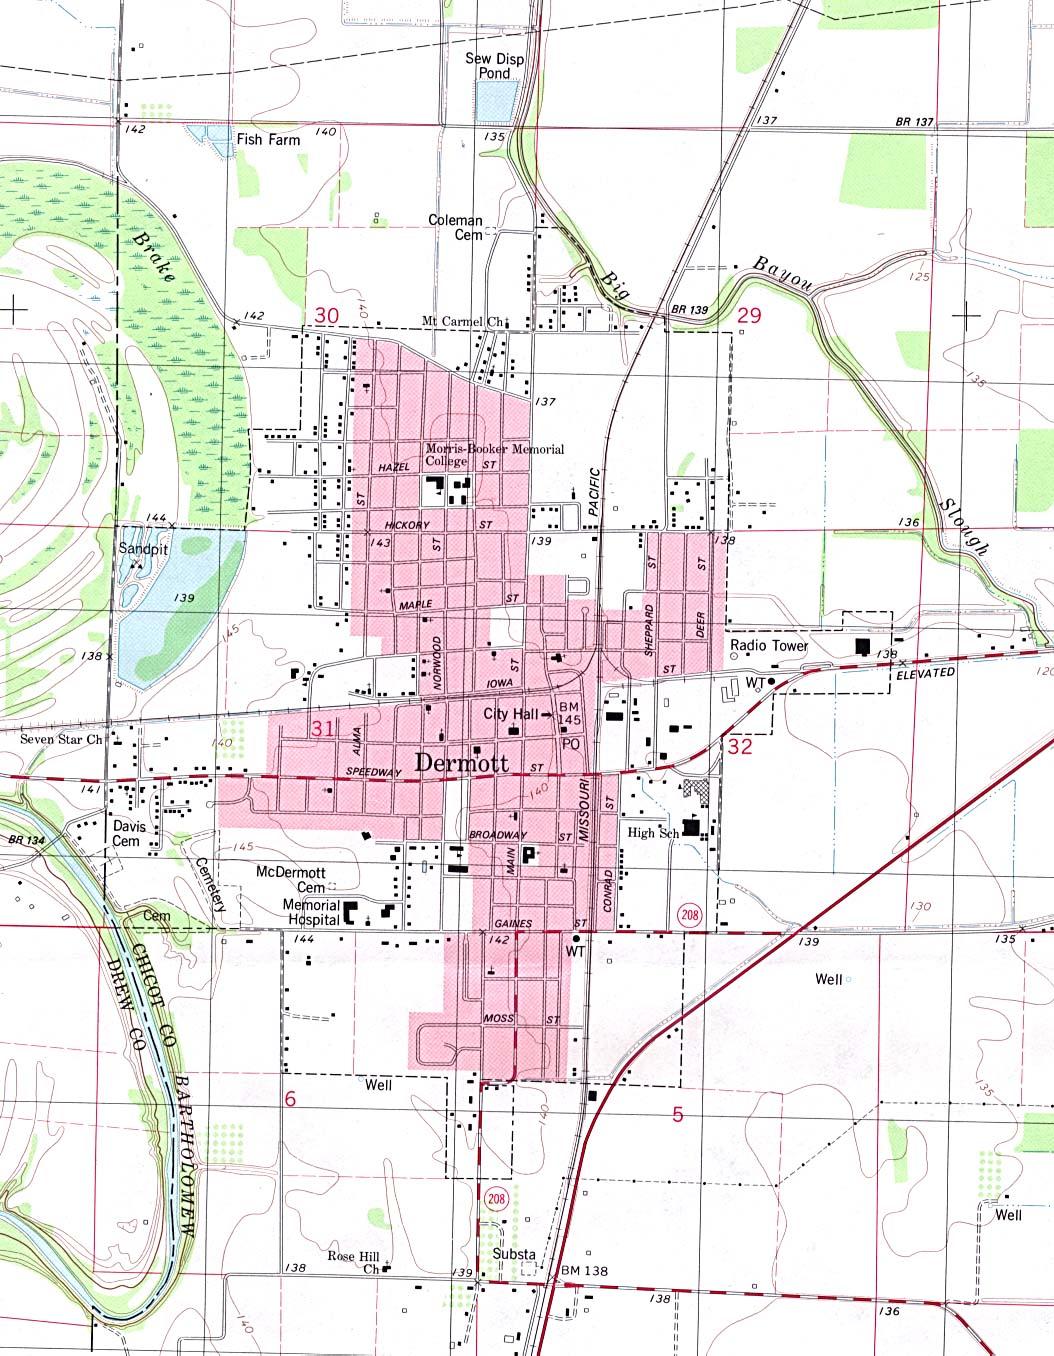 Mapa Topográfico de la Ciudad de Dermott, Arkansas, Estados Unidos